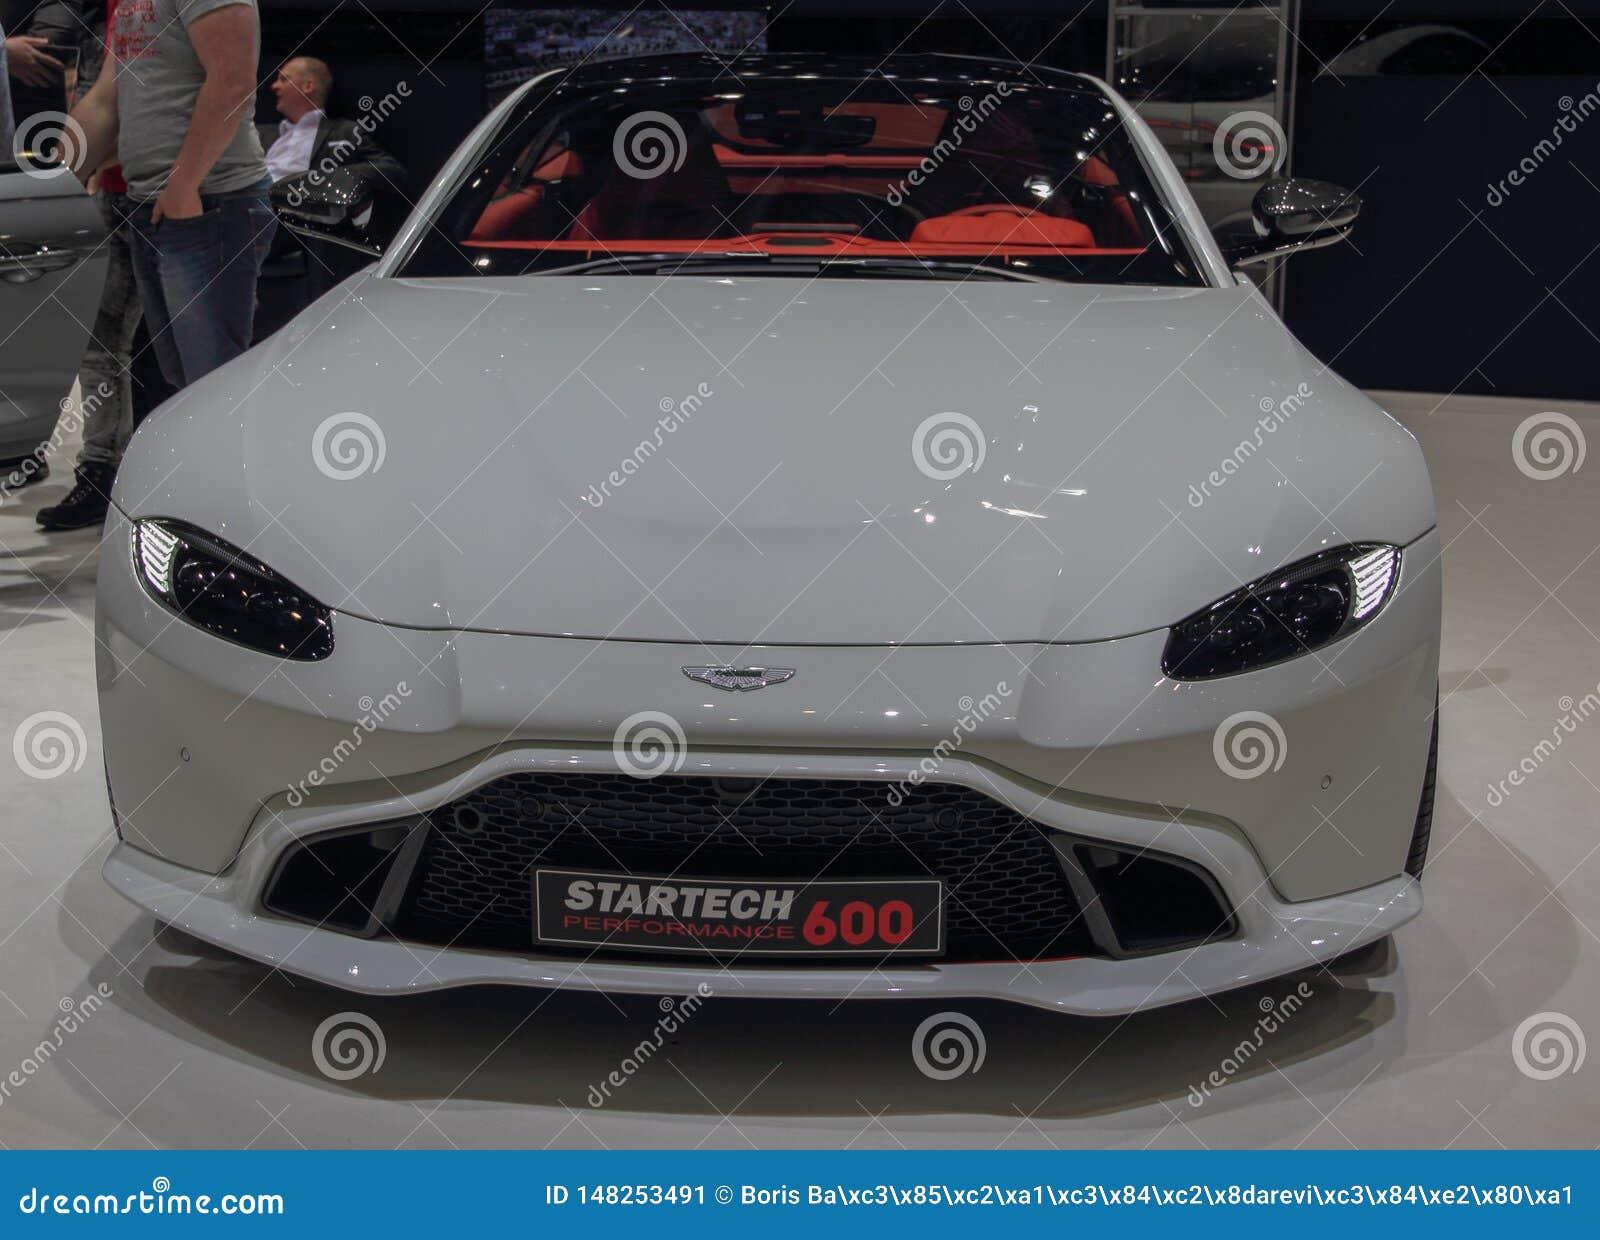 Zwitserland; Gen?ve; 9 maart, 2019; Aston Martin Startech 600; De 89ste Internationale Motorshow in Gen?ve van zevende tot zevent